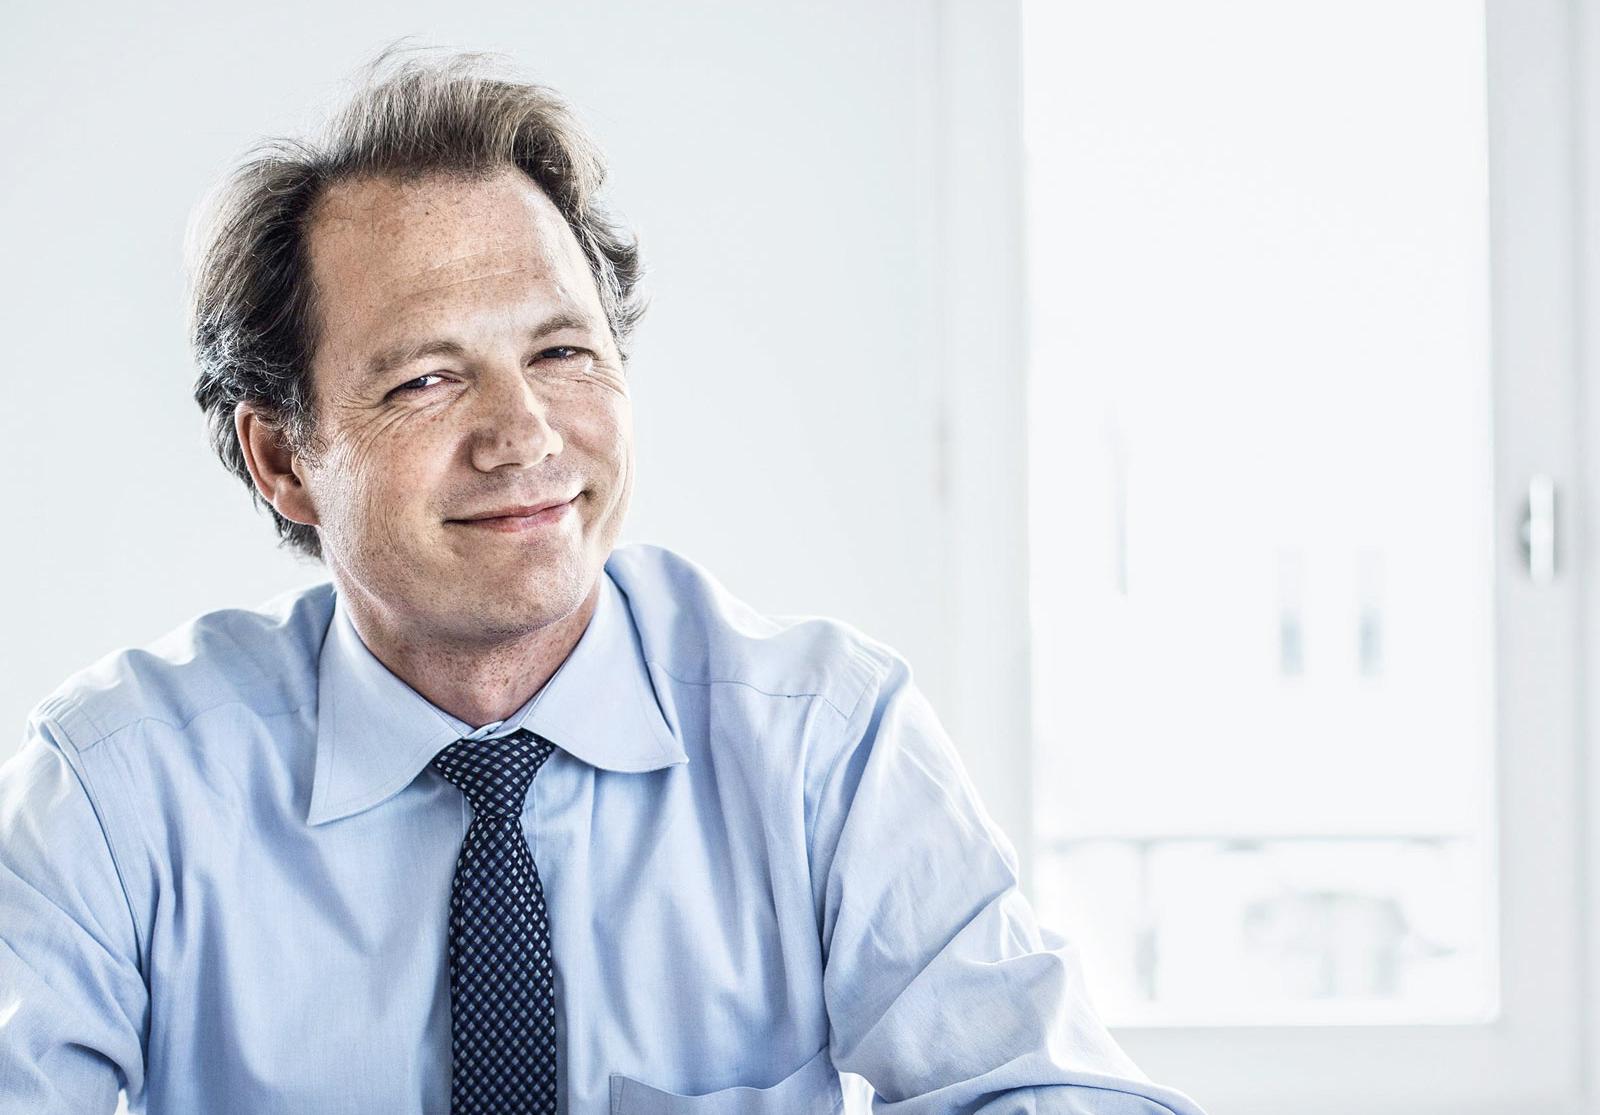 Zukunftsforscher Andreas Steinle empfiehlt die Stärkung von digitalen und sozialen Kompetenzen.